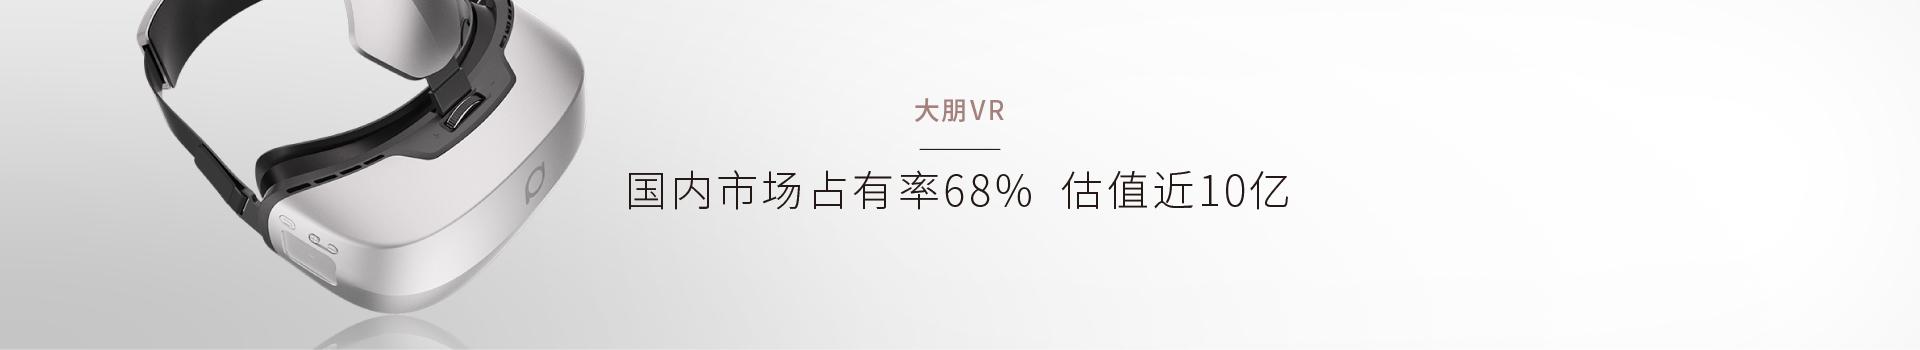 大朋VR品牌策劃案例(li)分(fen)享,通過與(yu)品牌策劃公司奇正(zheng)沐古的合(he)xian)鰨 忱瓿煽突hu)的品牌咨詢服務和品牌規(gui)劃服務目(mu)標(biao)的品牌戰略咨詢公司